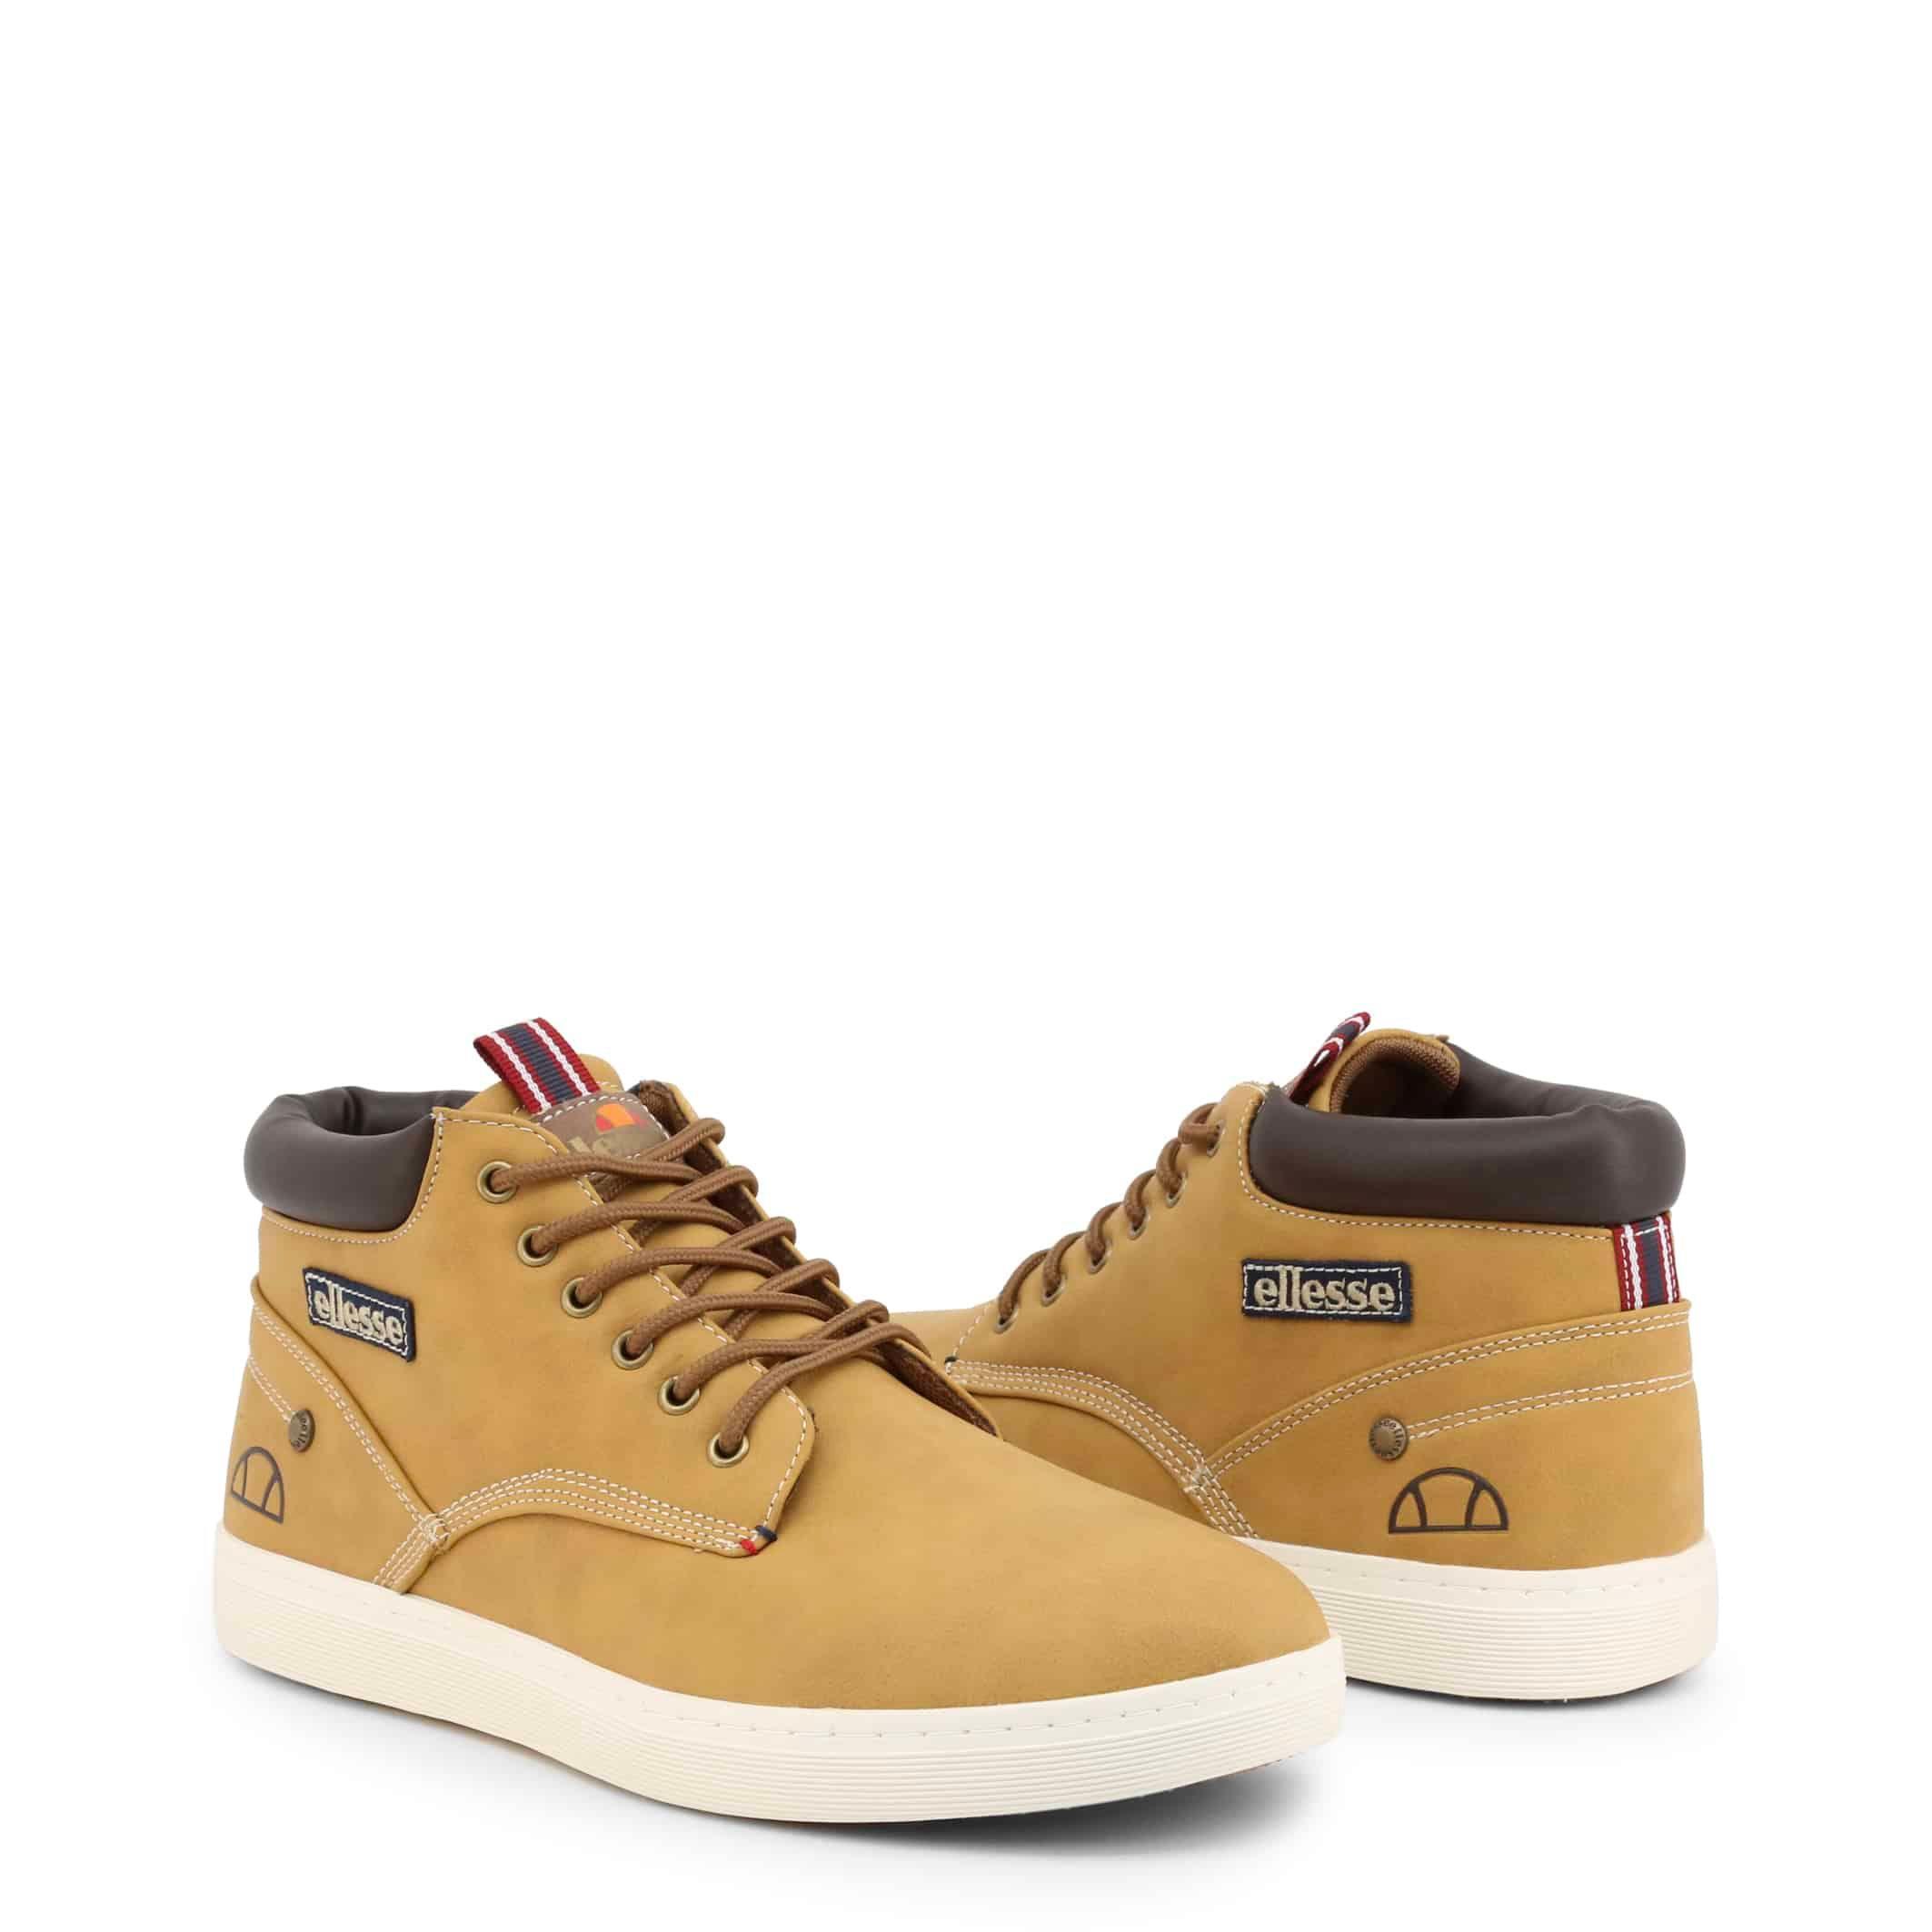 Ellesse – EL02M80428 Sneakers Herr